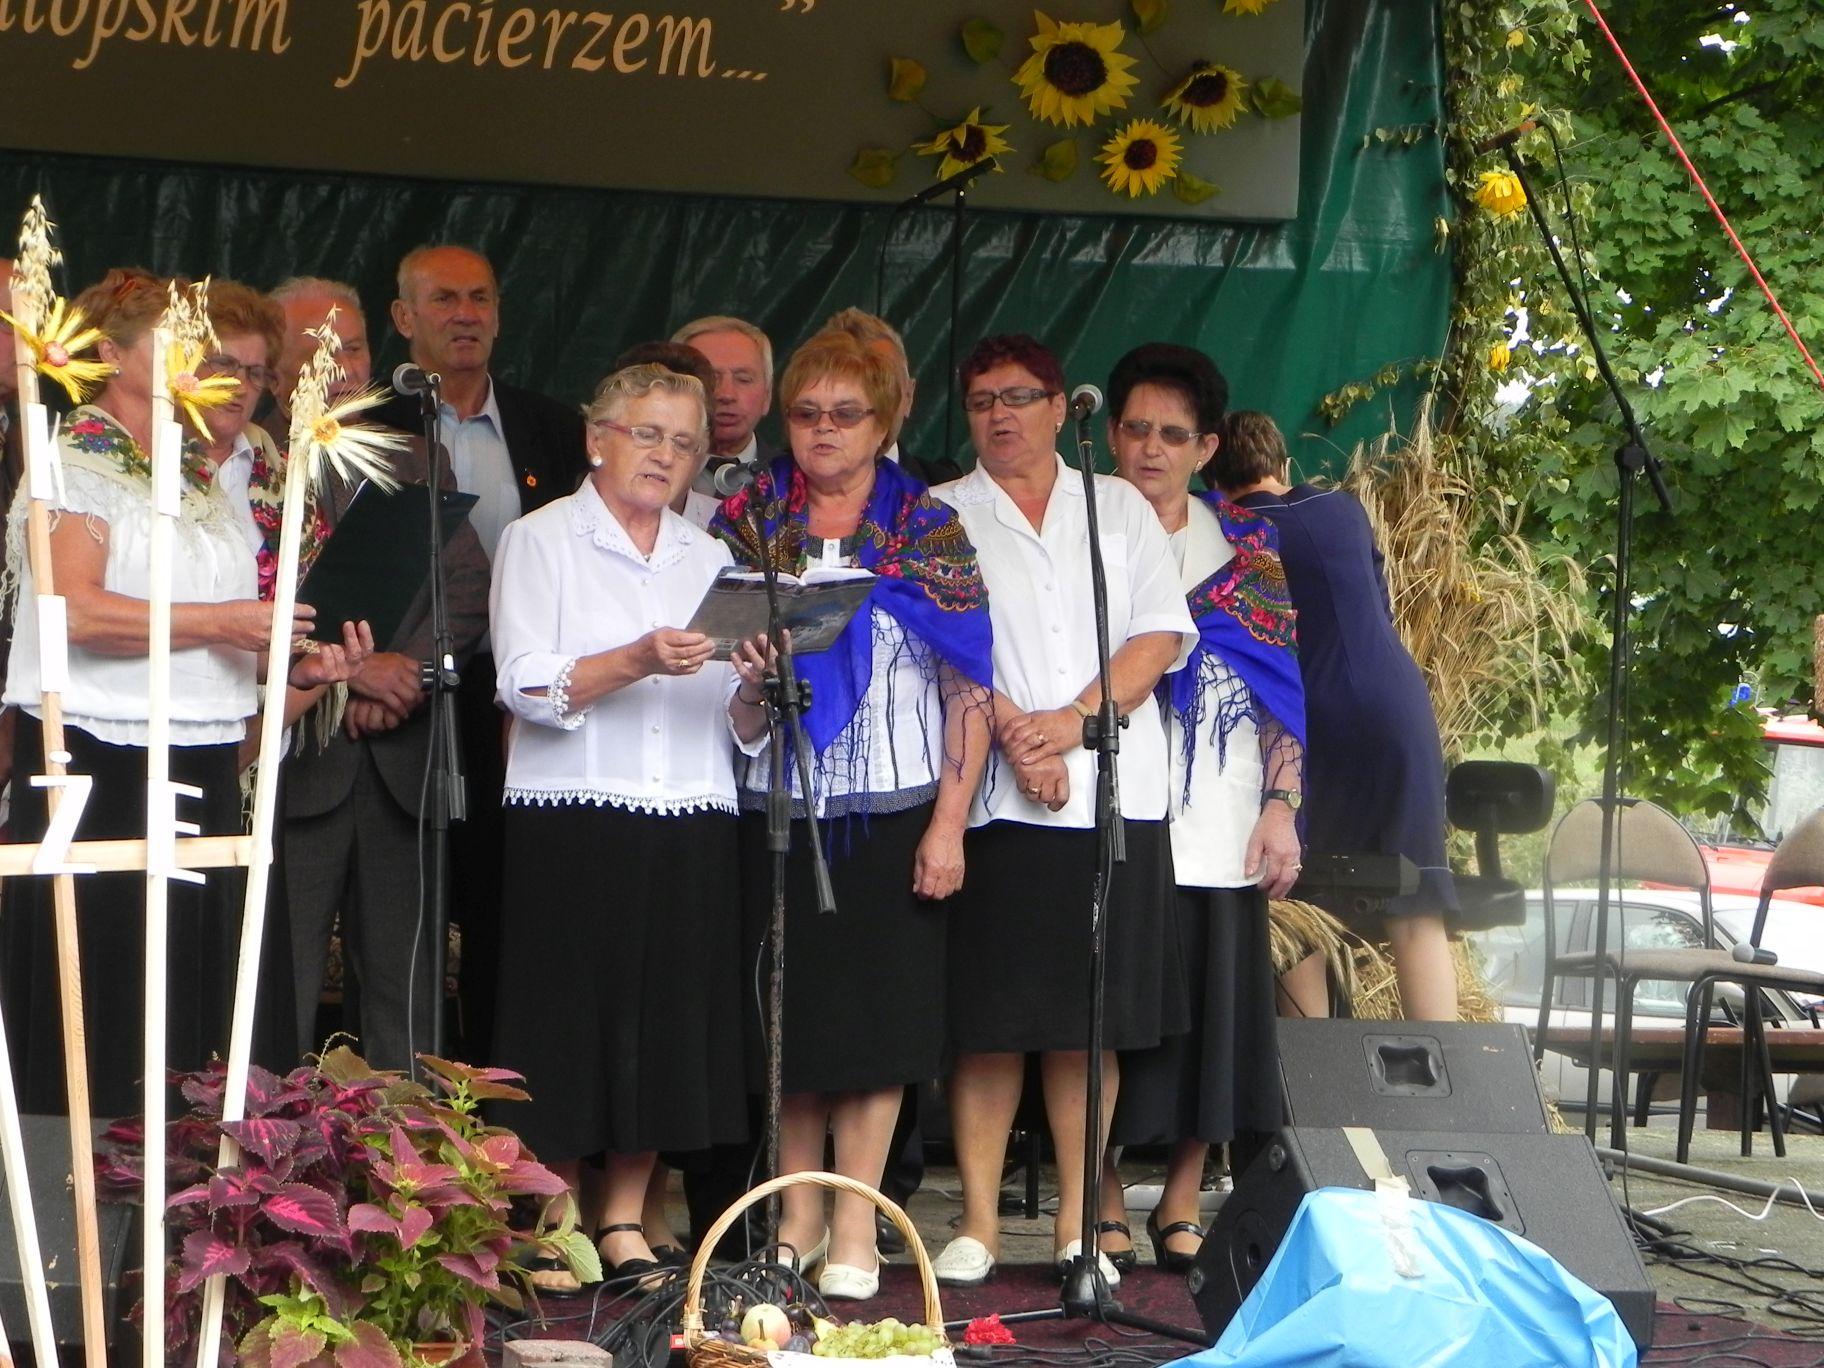 2012-08-26 Cielądz - dożynki powiatowe (19)